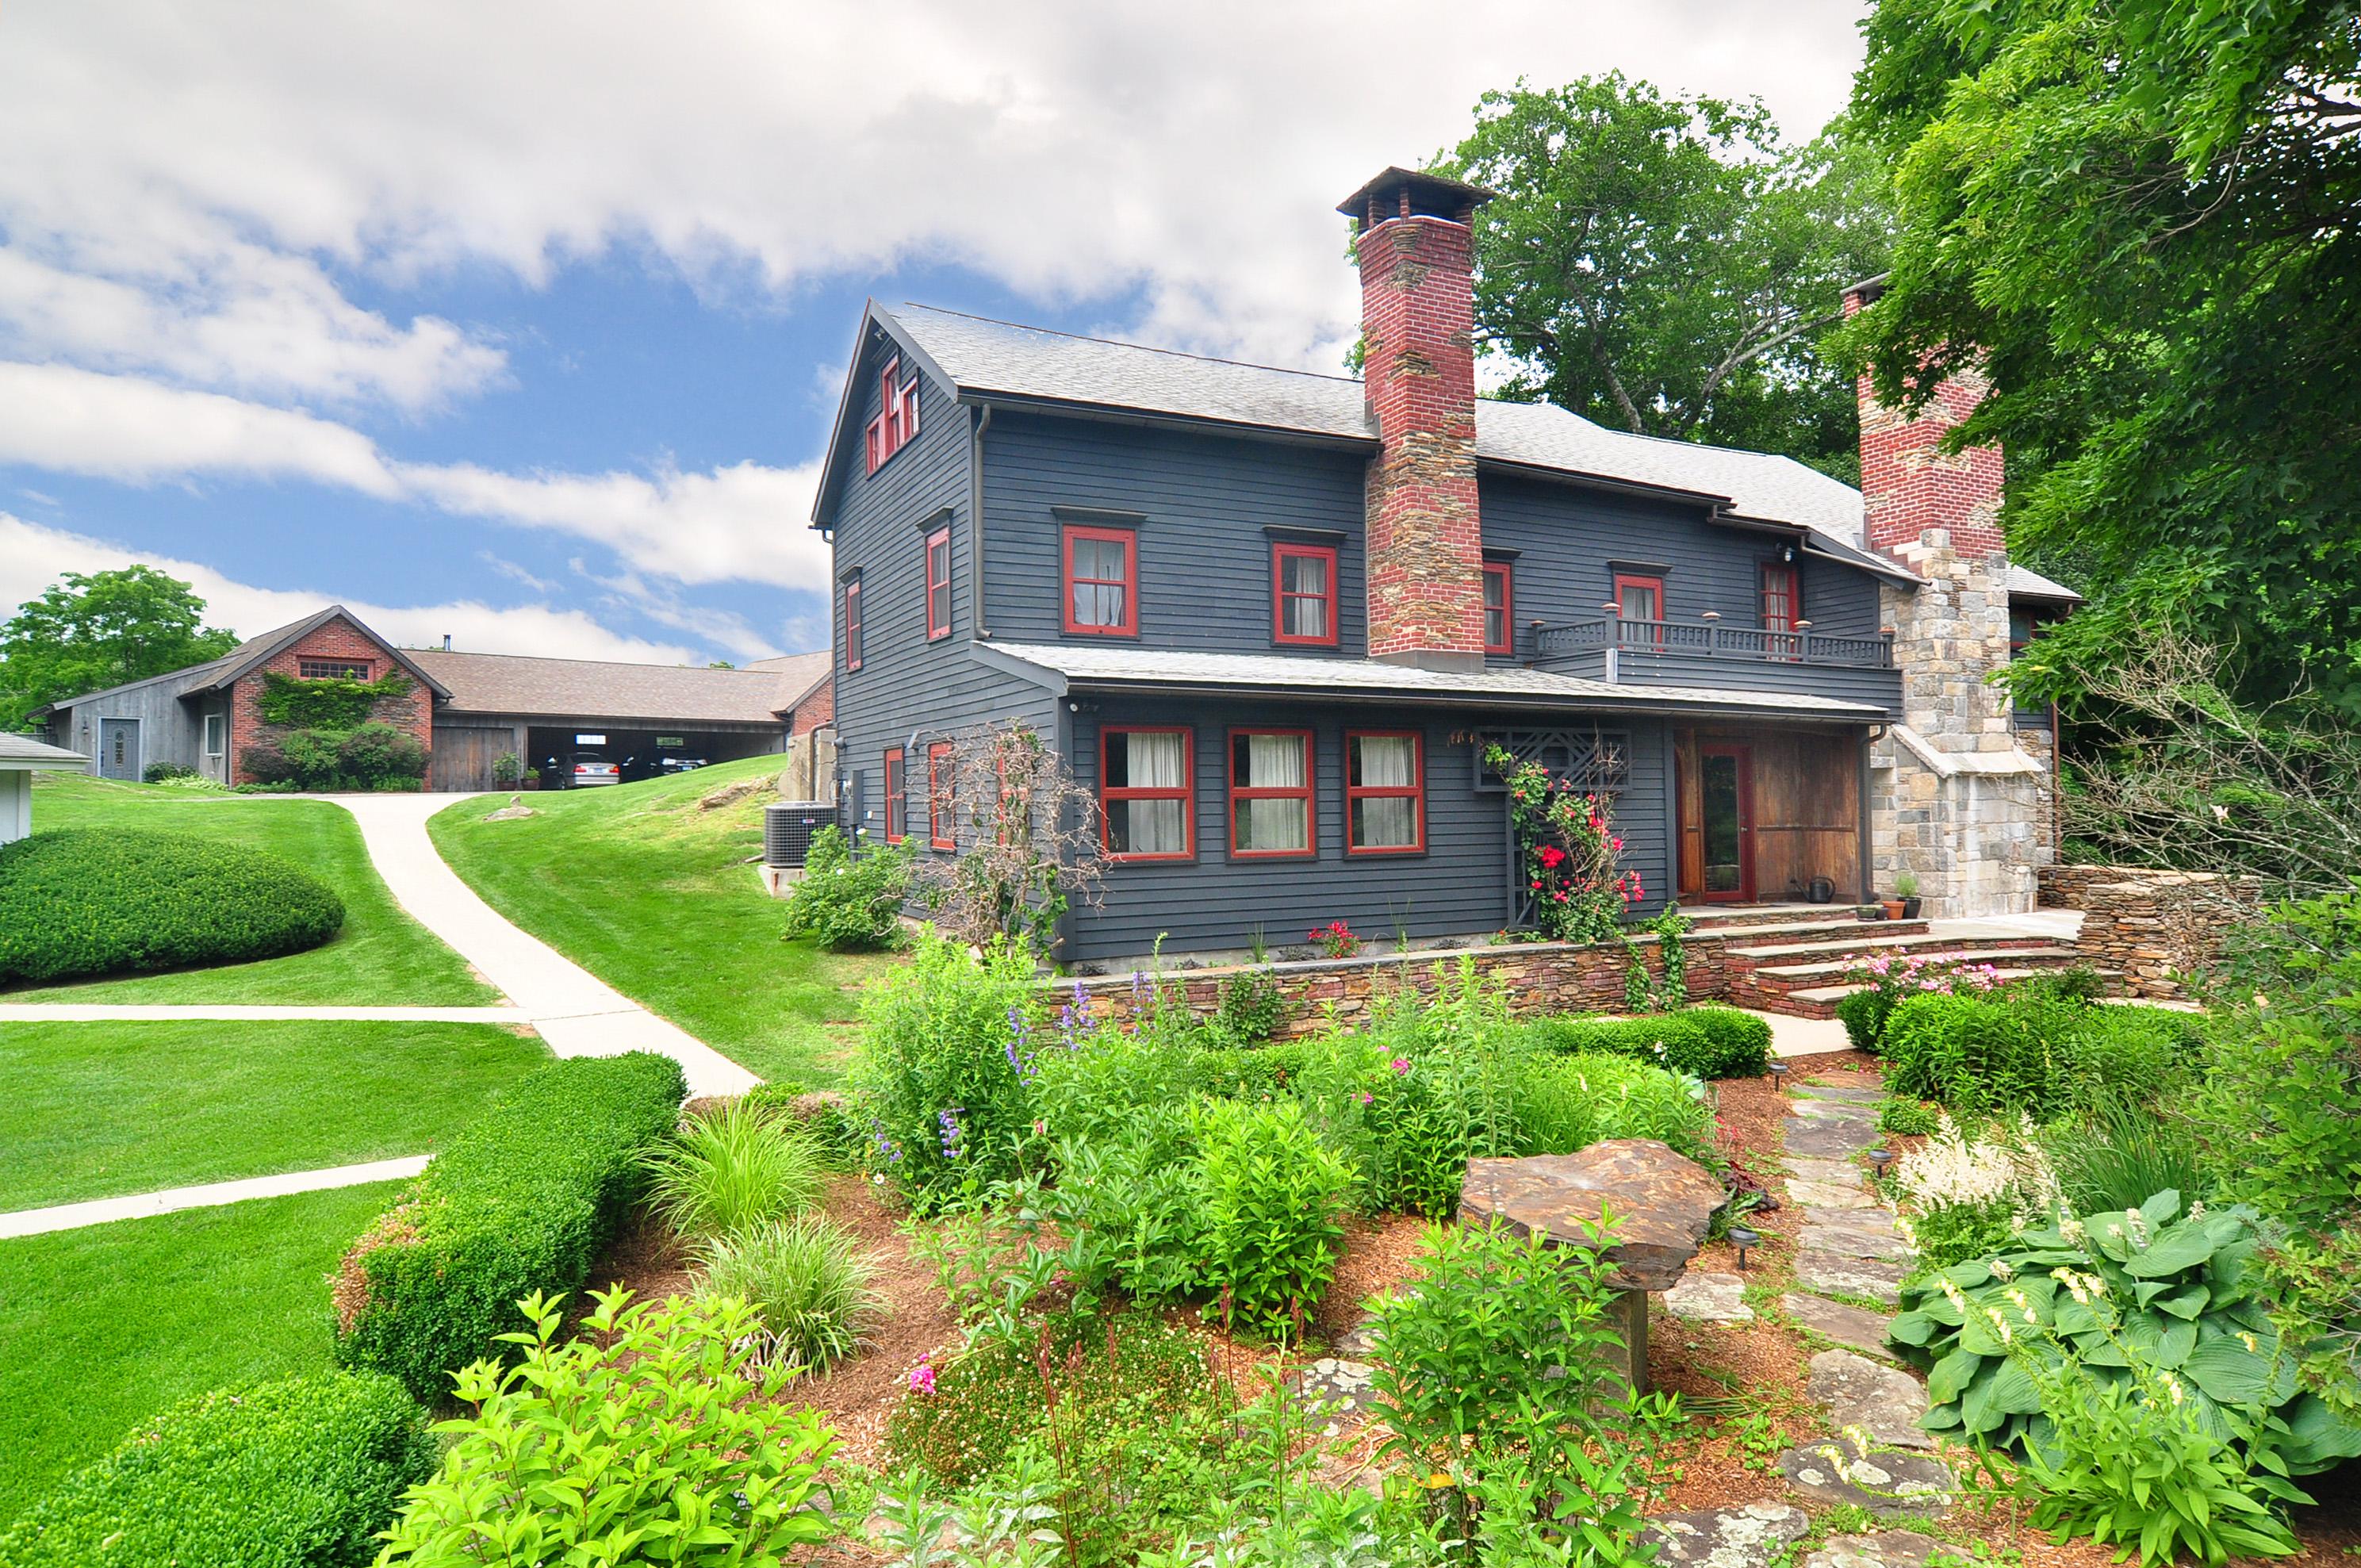 Casa Unifamiliar por un Venta en Historic Landmark 44 Lakeside Rd Morris, Connecticut 06763 Estados Unidos